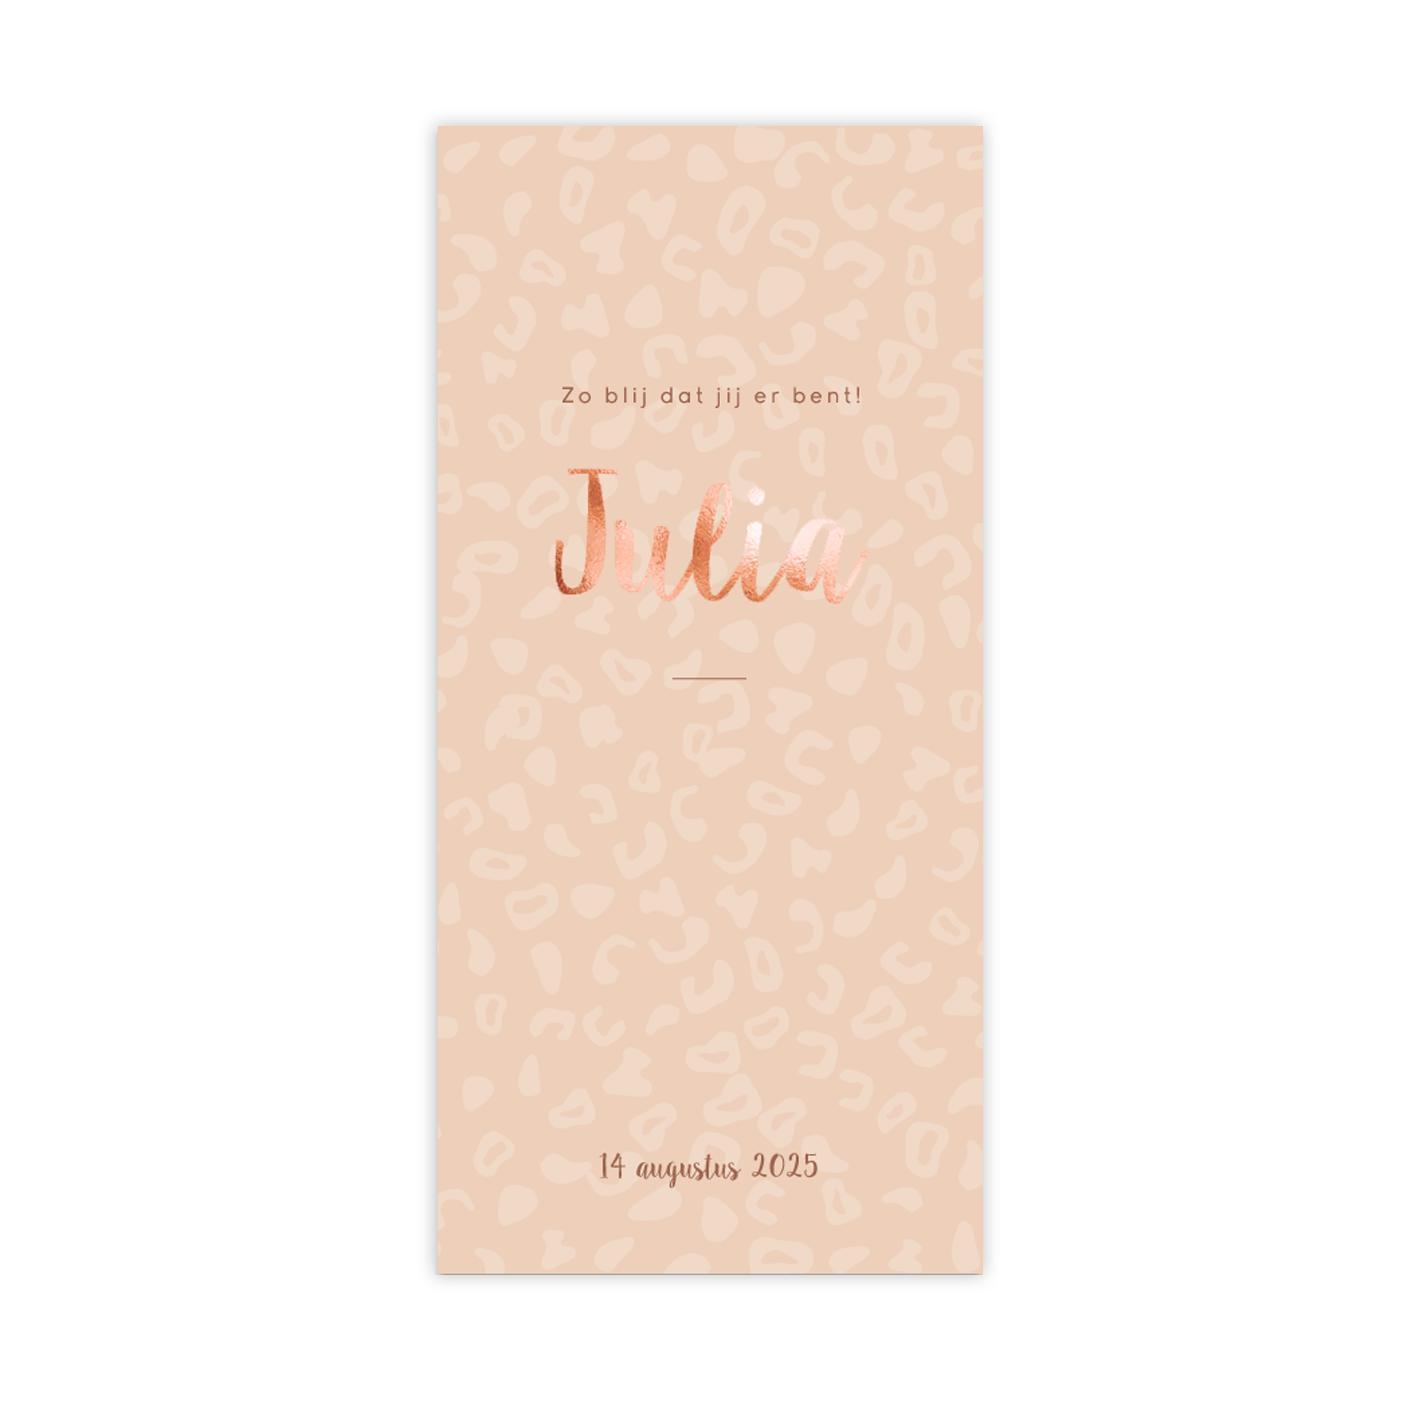 Trendy koperfolie geboortekaartje met peach kleurige panterprintje